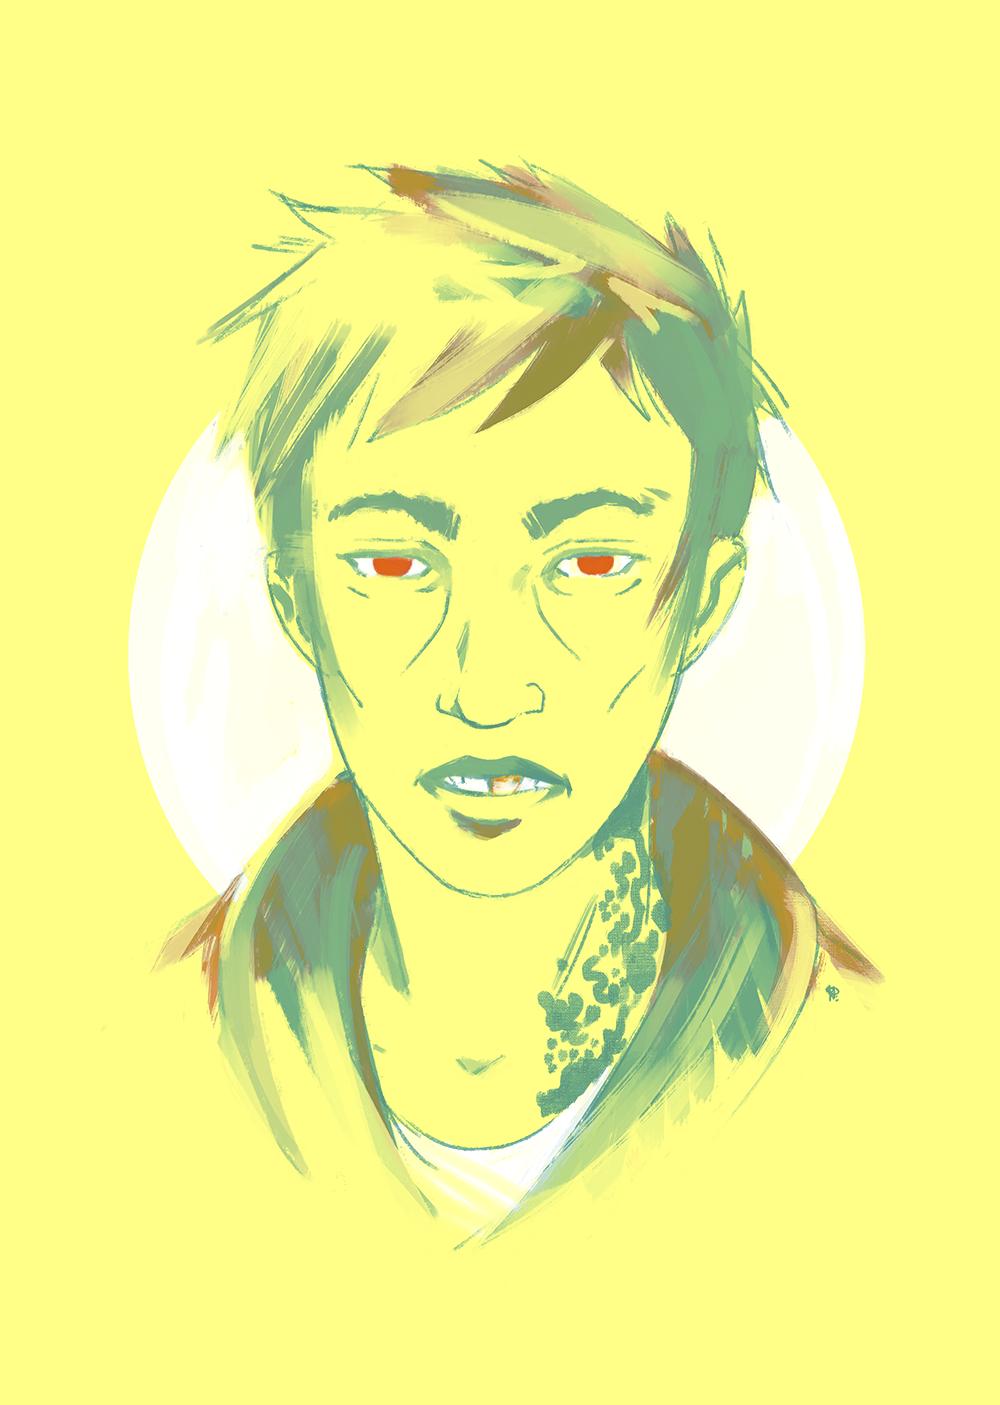 Red eye boy